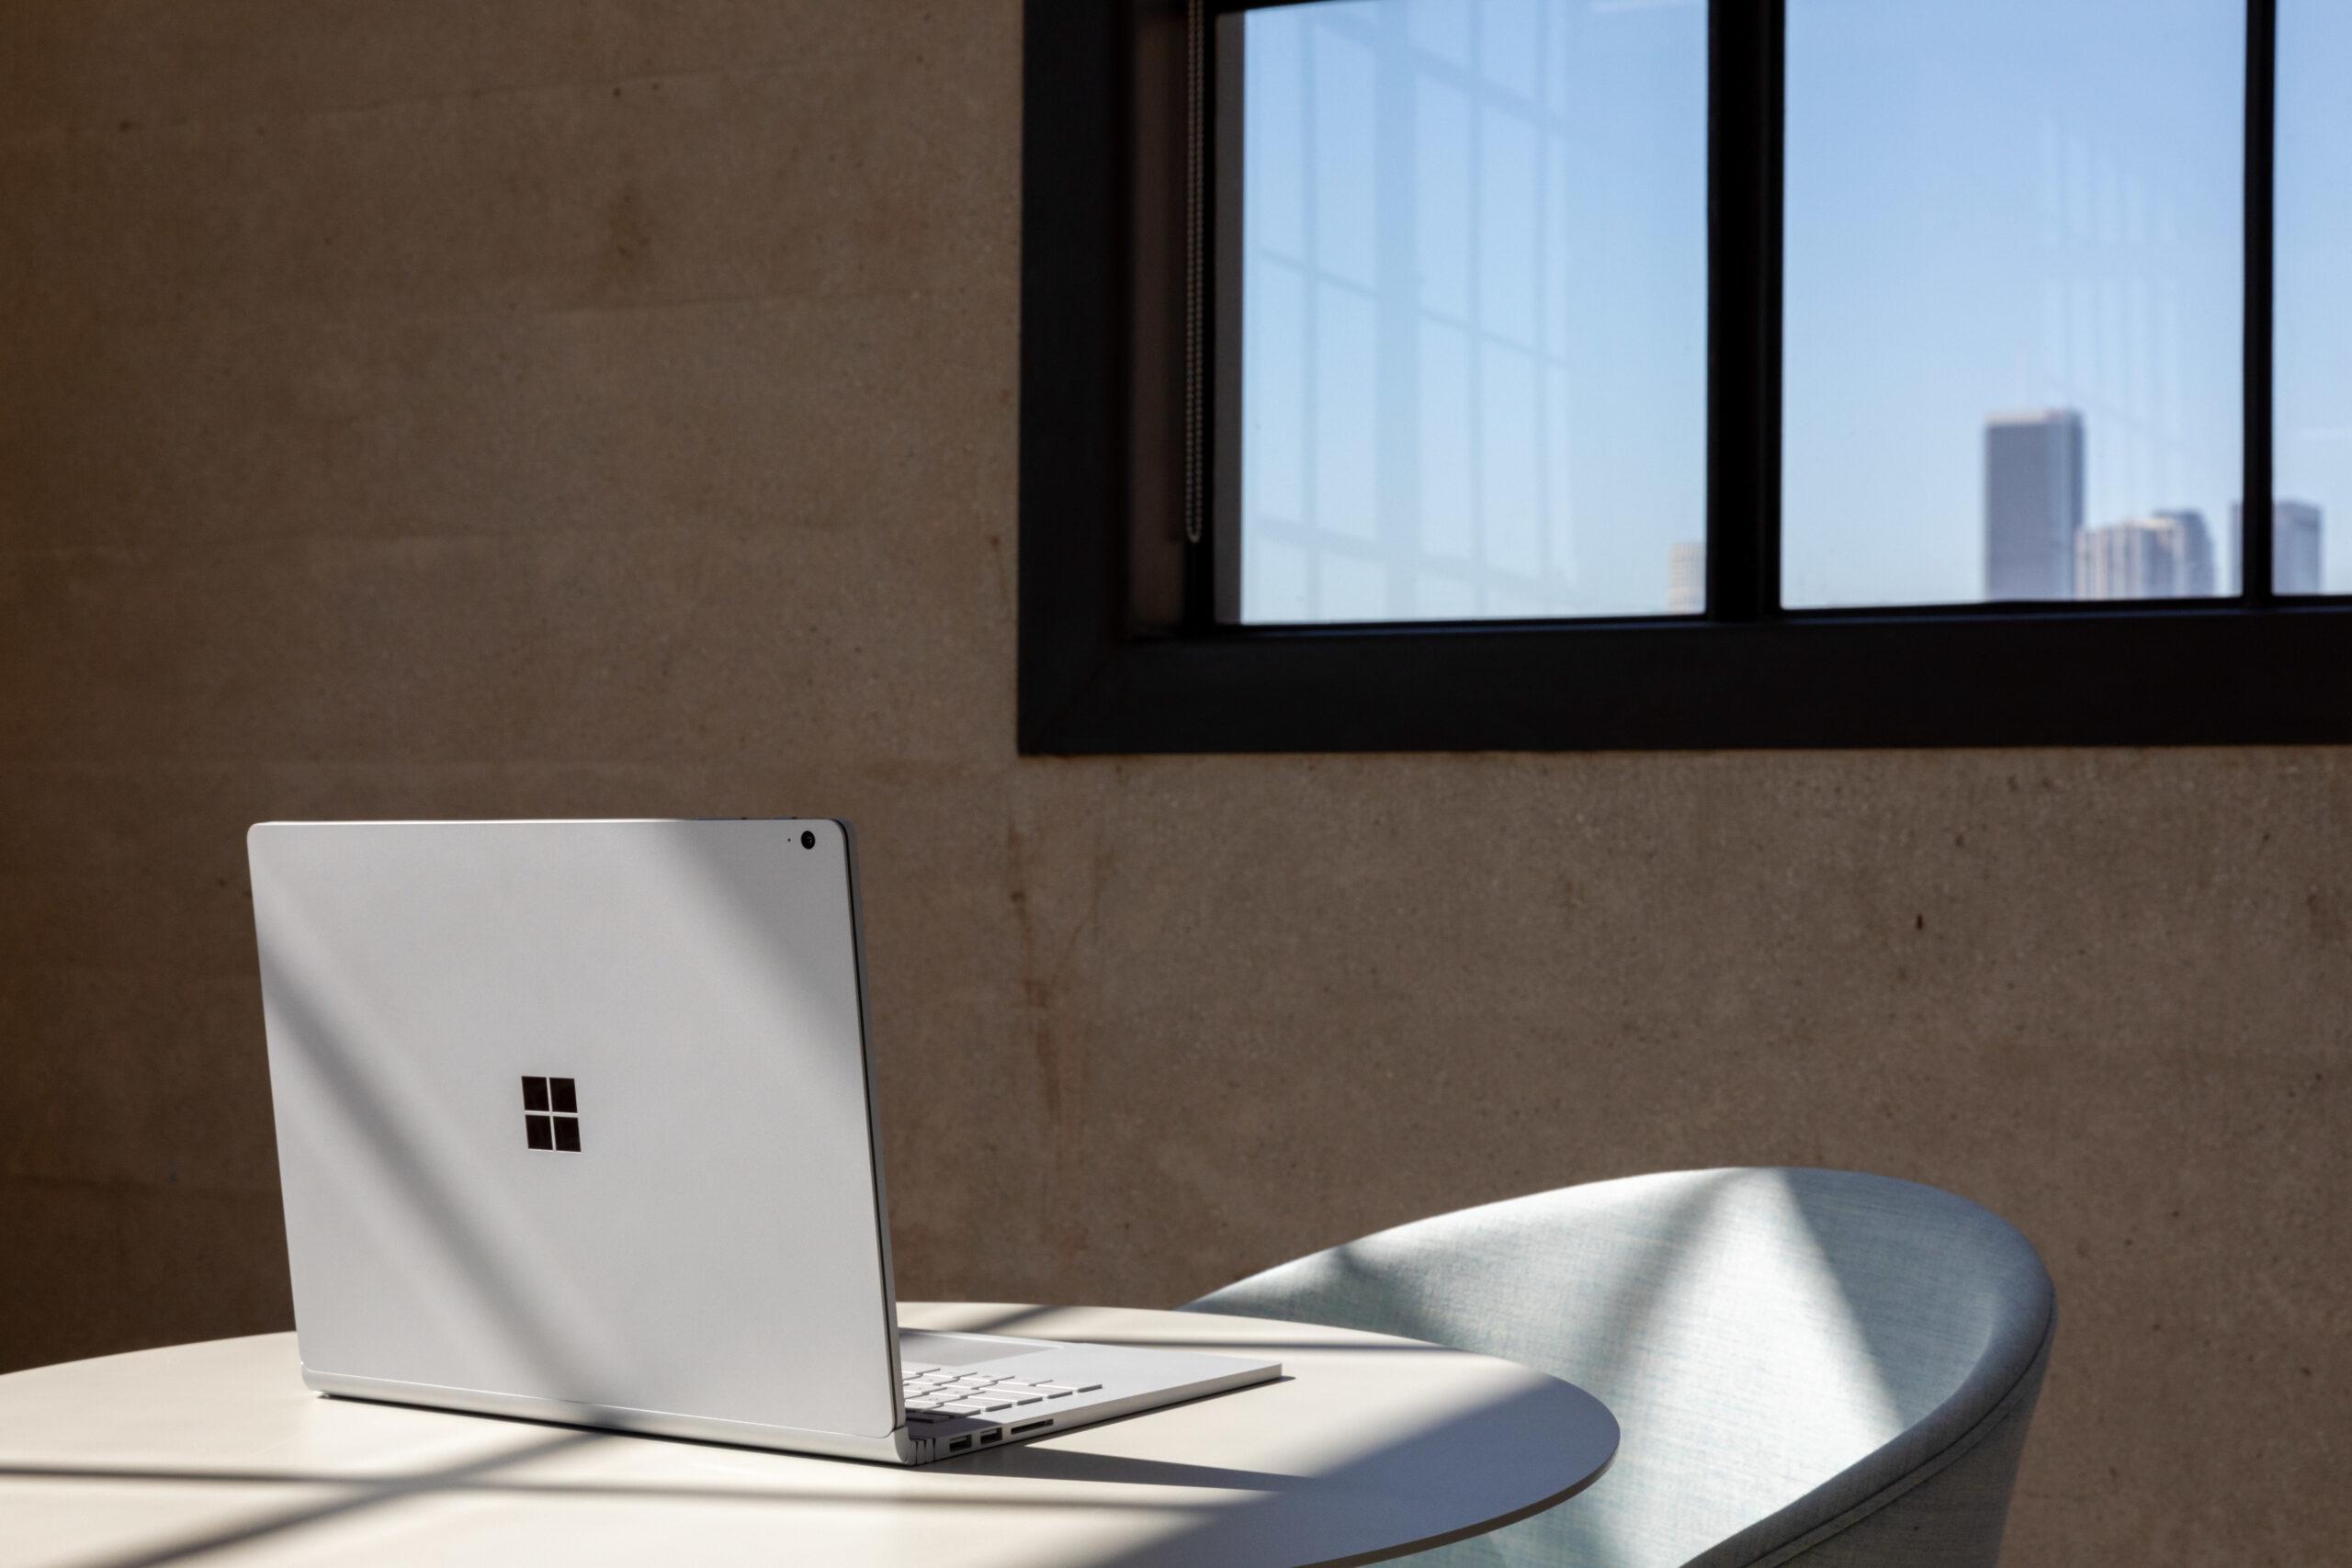 """Microsoft Surface Book 3 LPDDR4x-SDRAM Hybrid (2-in-1) 34,3 cm (13.5"""") 3000 x 2000 piksler Berøringsskjerm 10th gen Intel® Core™ i7 16 GB 256 GB SSD NVIDIA® GeForce® GTX 1650 Max-Q Wi-Fi 6 (802.11ax) Windows 10 Pro Platina"""